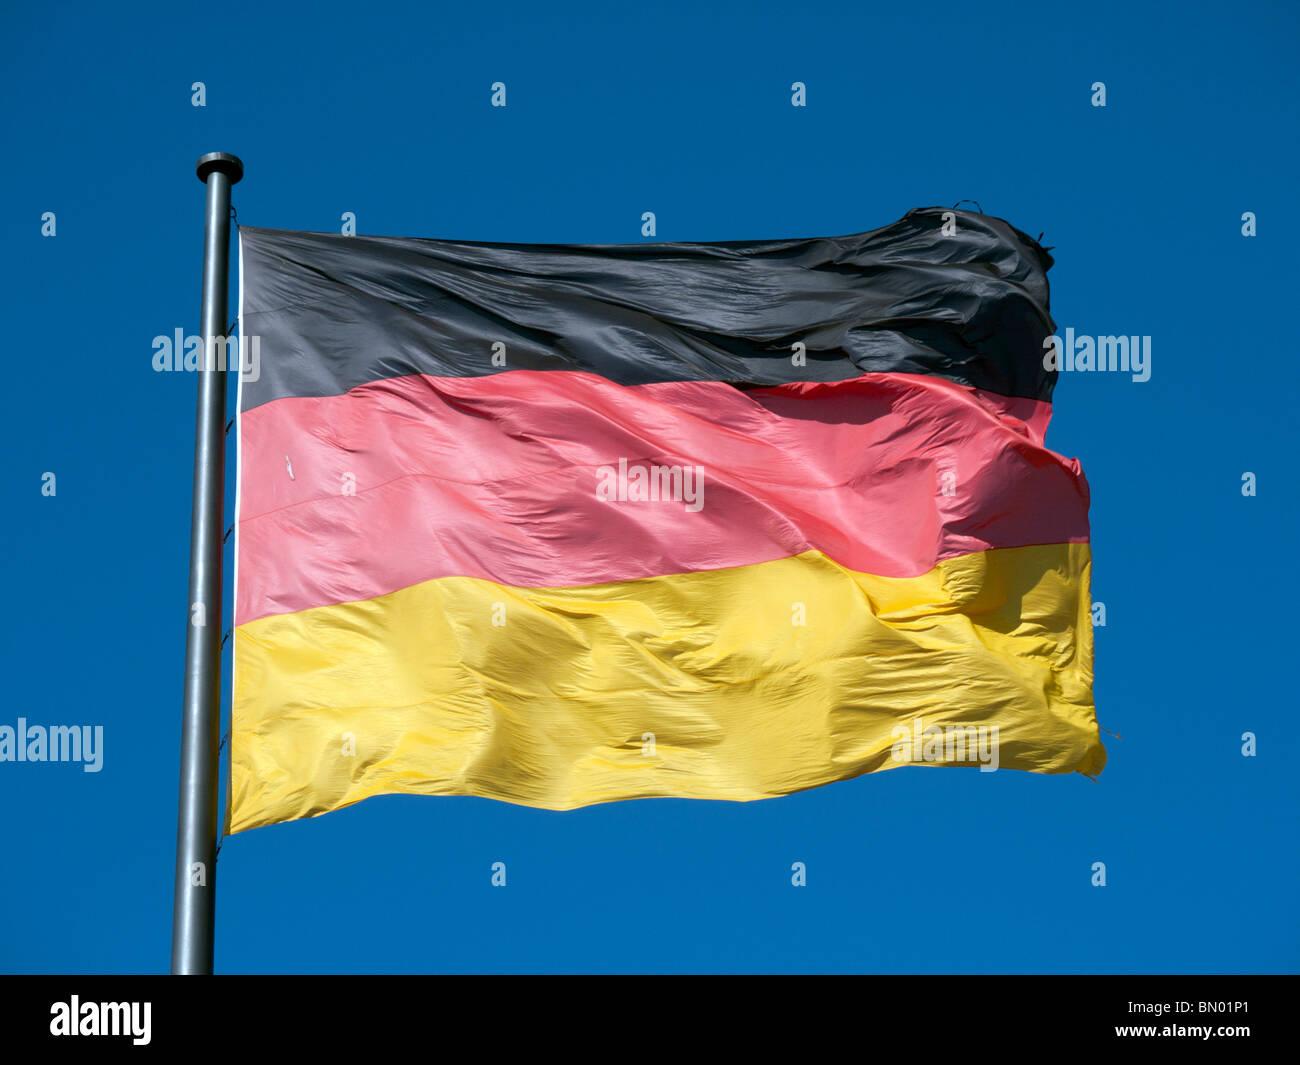 Nahaufnahme der deutschen Flagge Stockbild